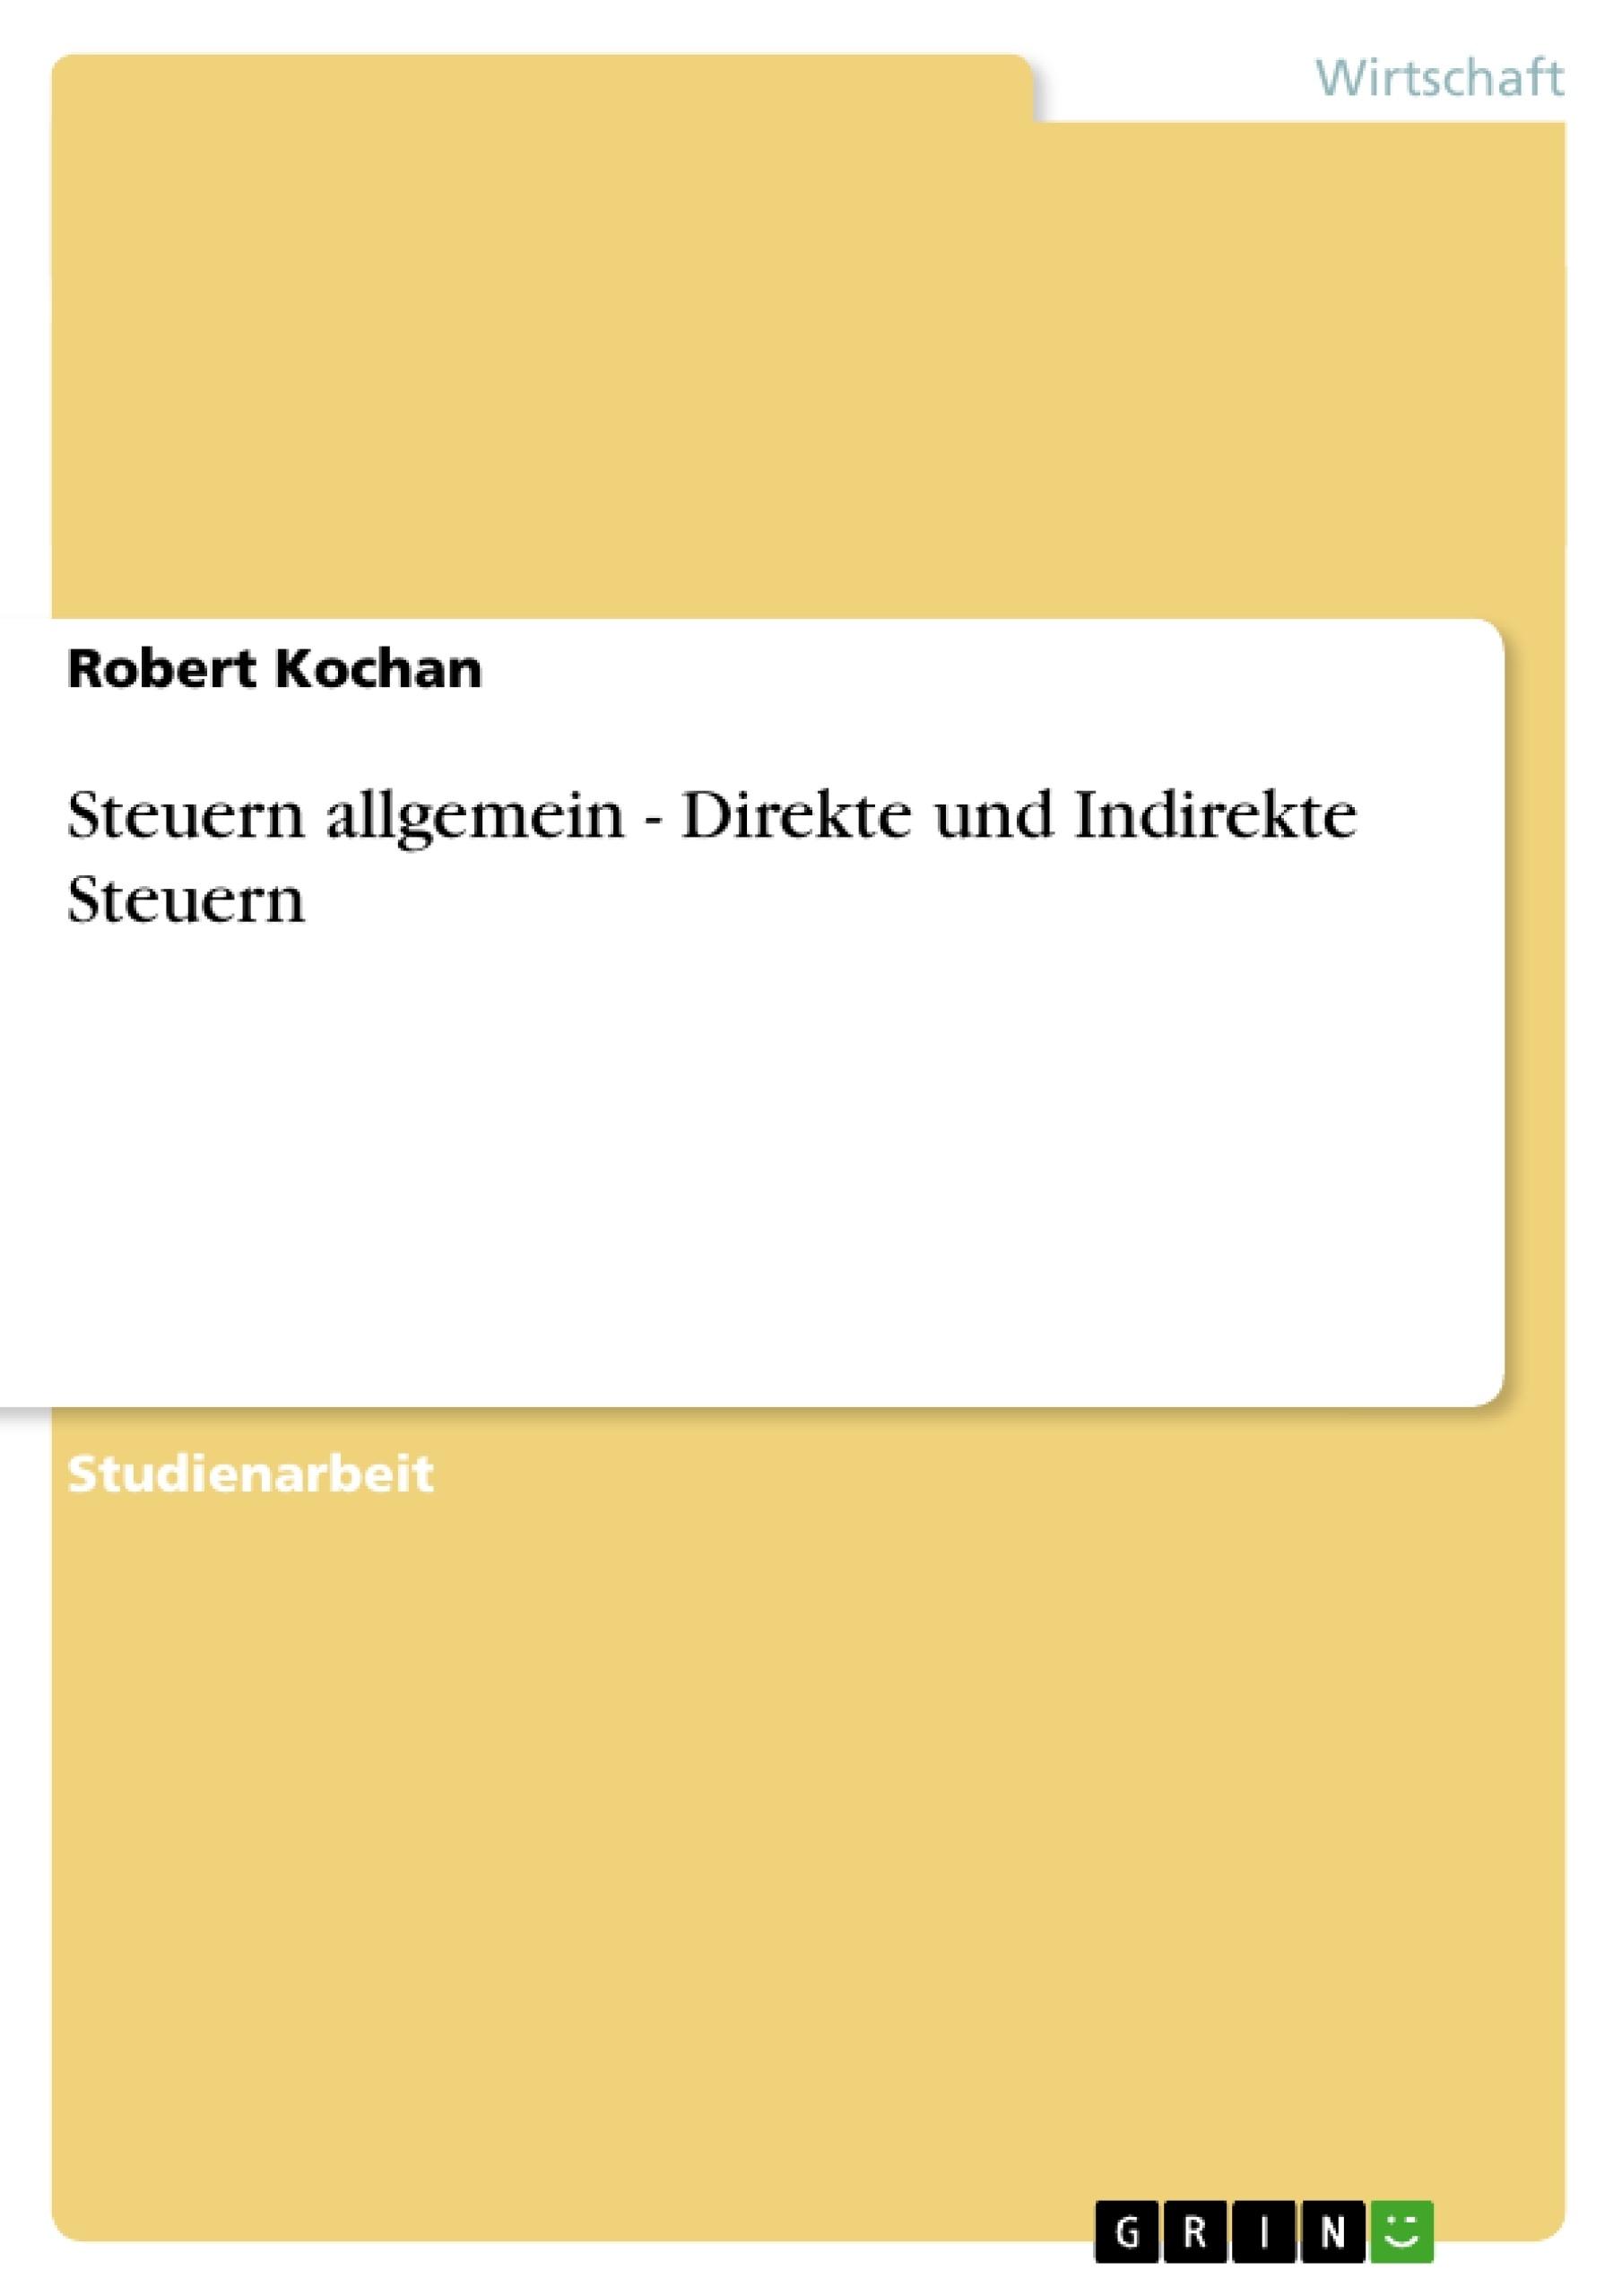 Titel: Steuern allgemein - Direkte und Indirekte Steuern